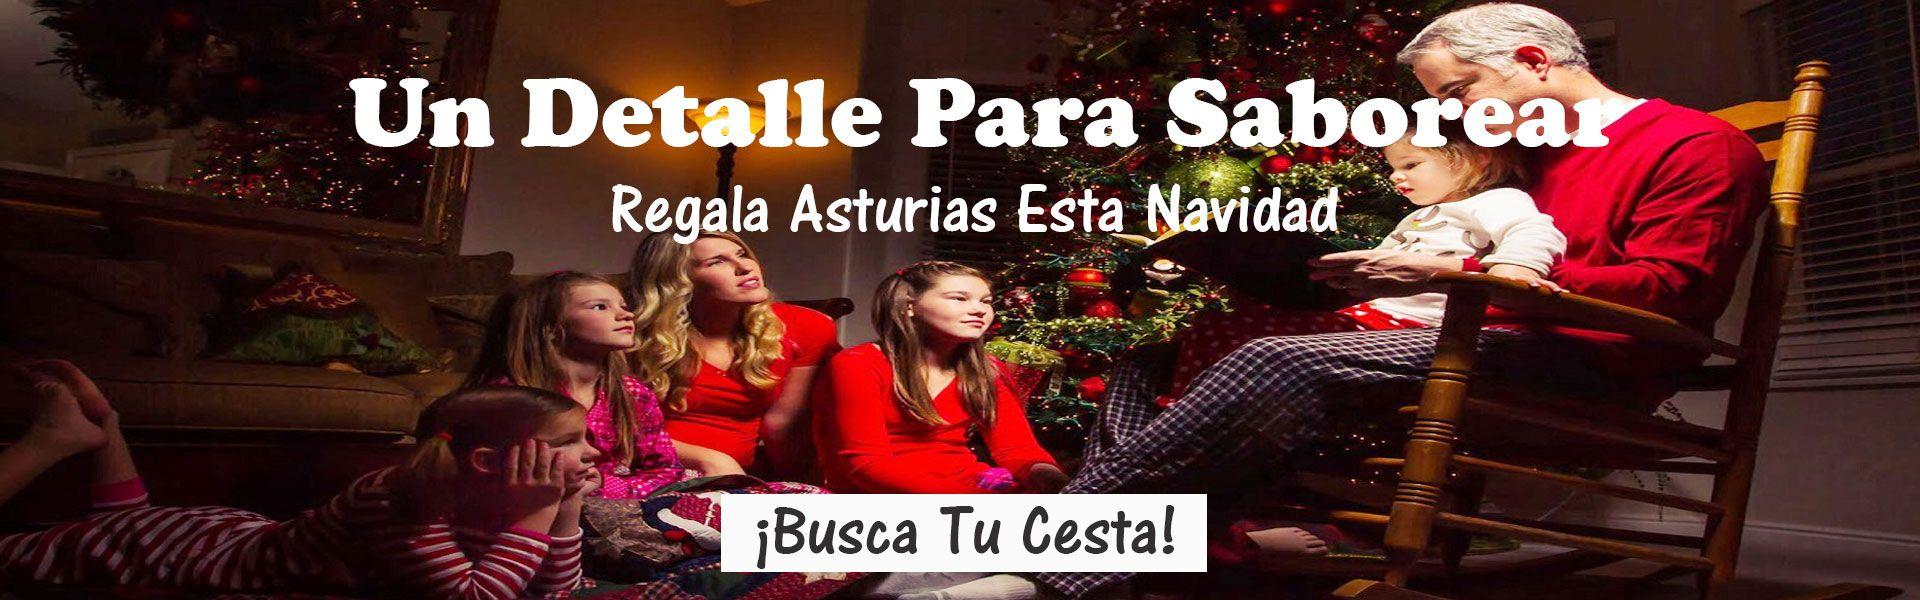 Cestas Navidad - Lotes Navidad - Productos Asturianos